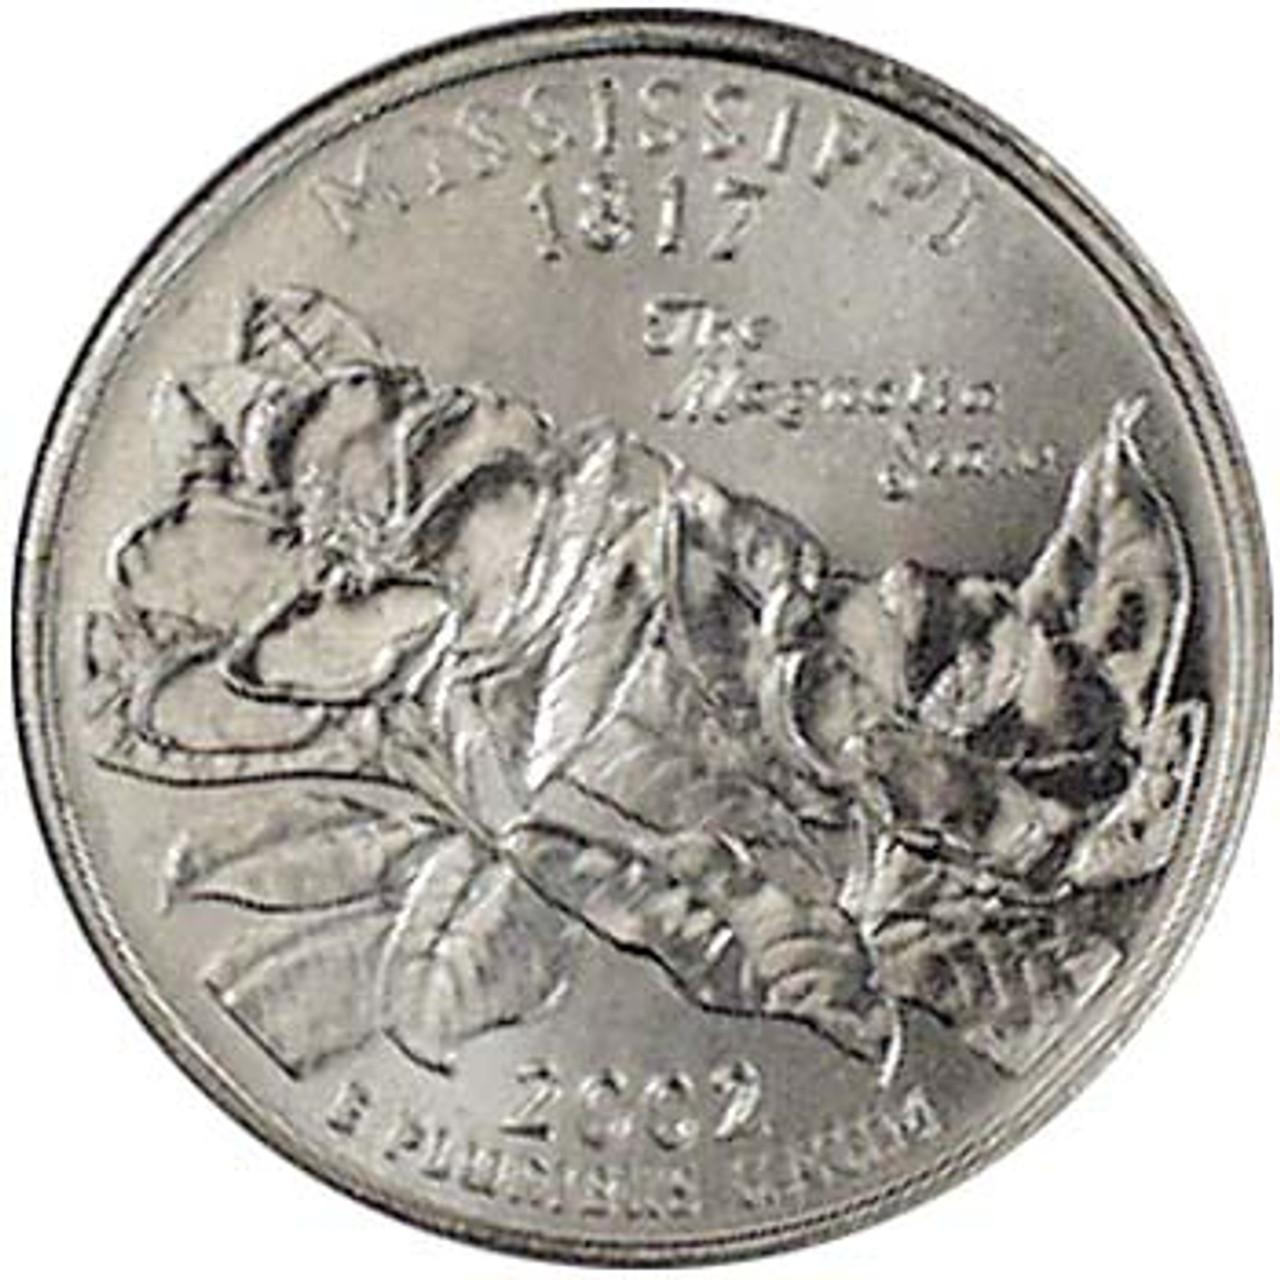 2002-P Mississippi Quarter Brilliant Uncirculated Image 1